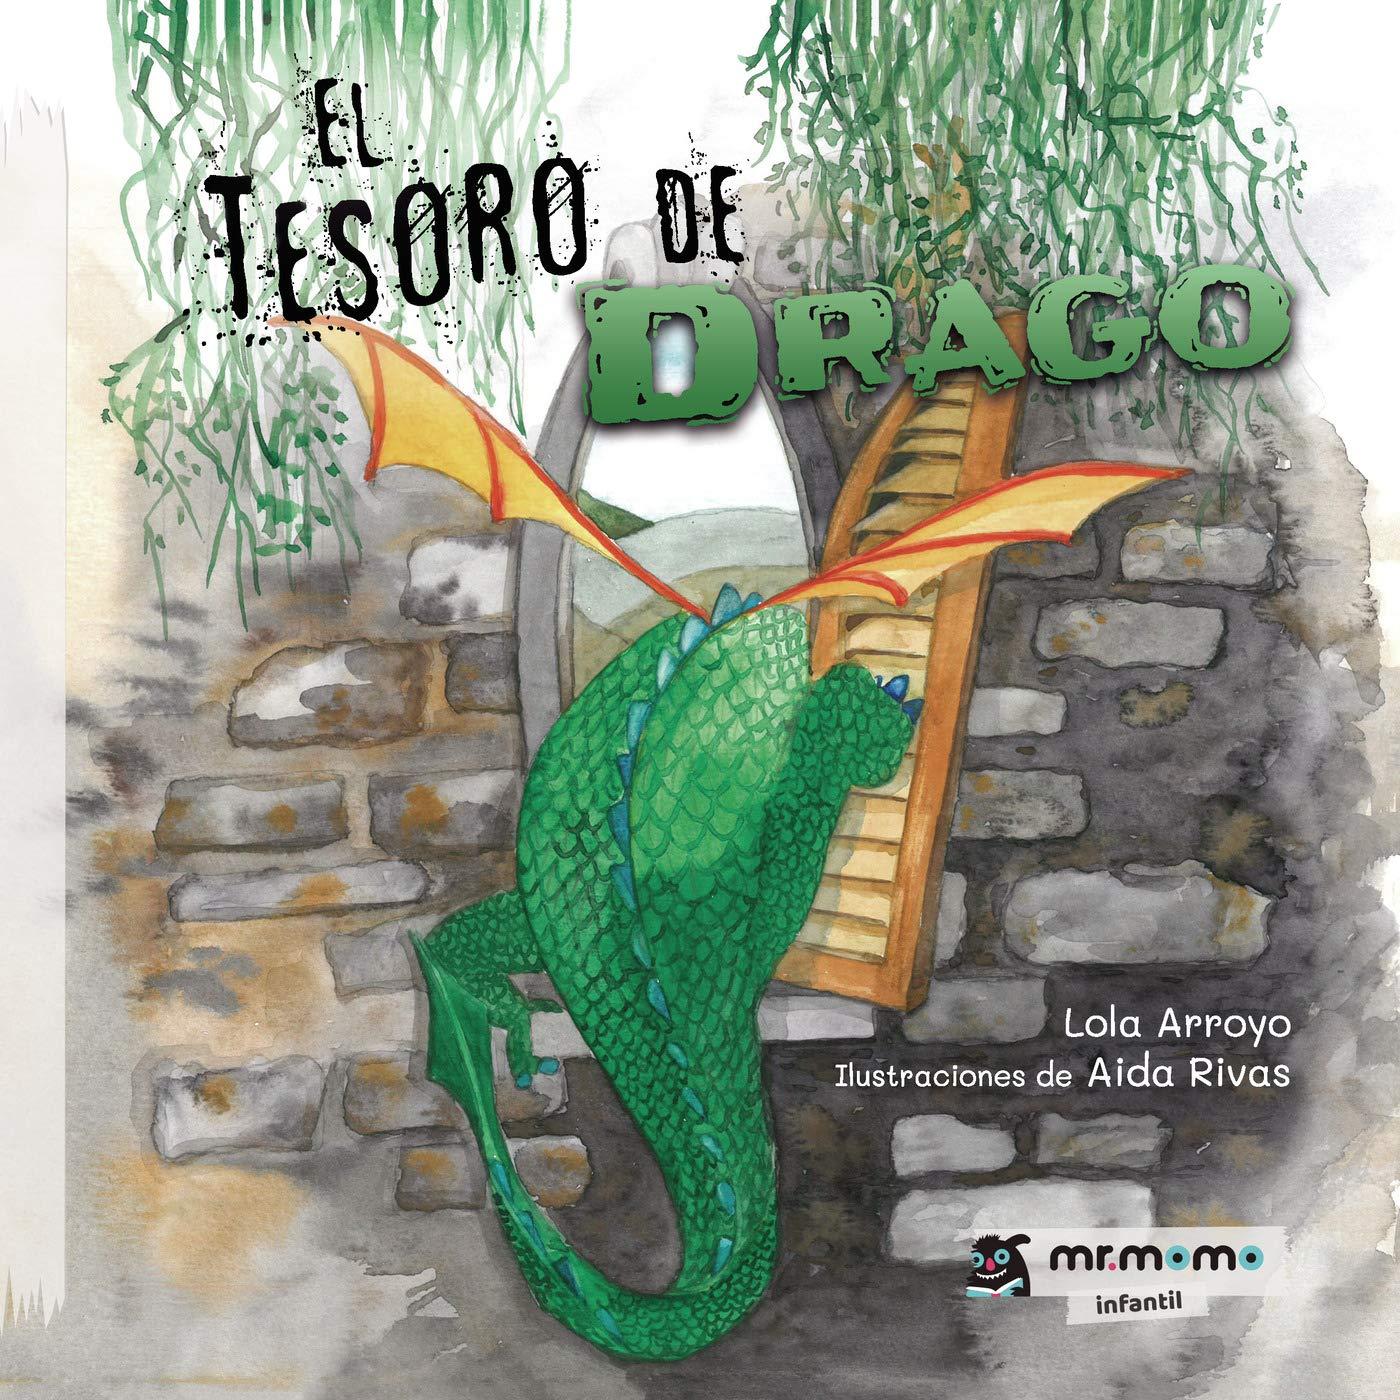 El tesoro de Drago: Amazon.es: Arroyo, Lola, Rivas, Aida: Libros